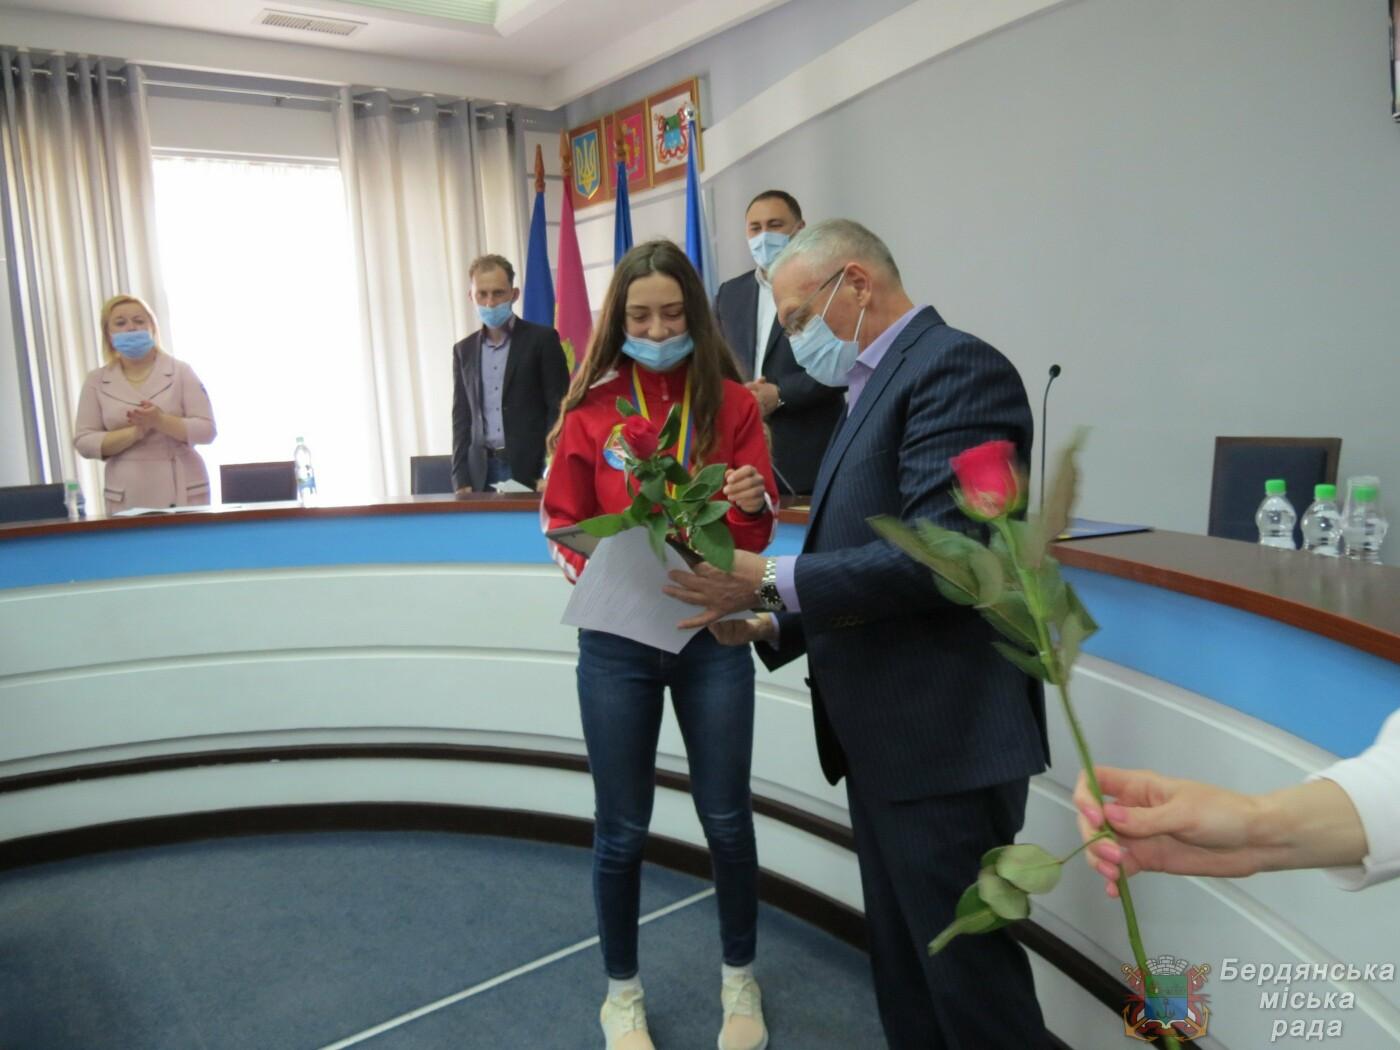 """Два лидера команды """"Чайка-ДЮСШ-Бердянск"""" завершили свою карьеру, фото-3"""